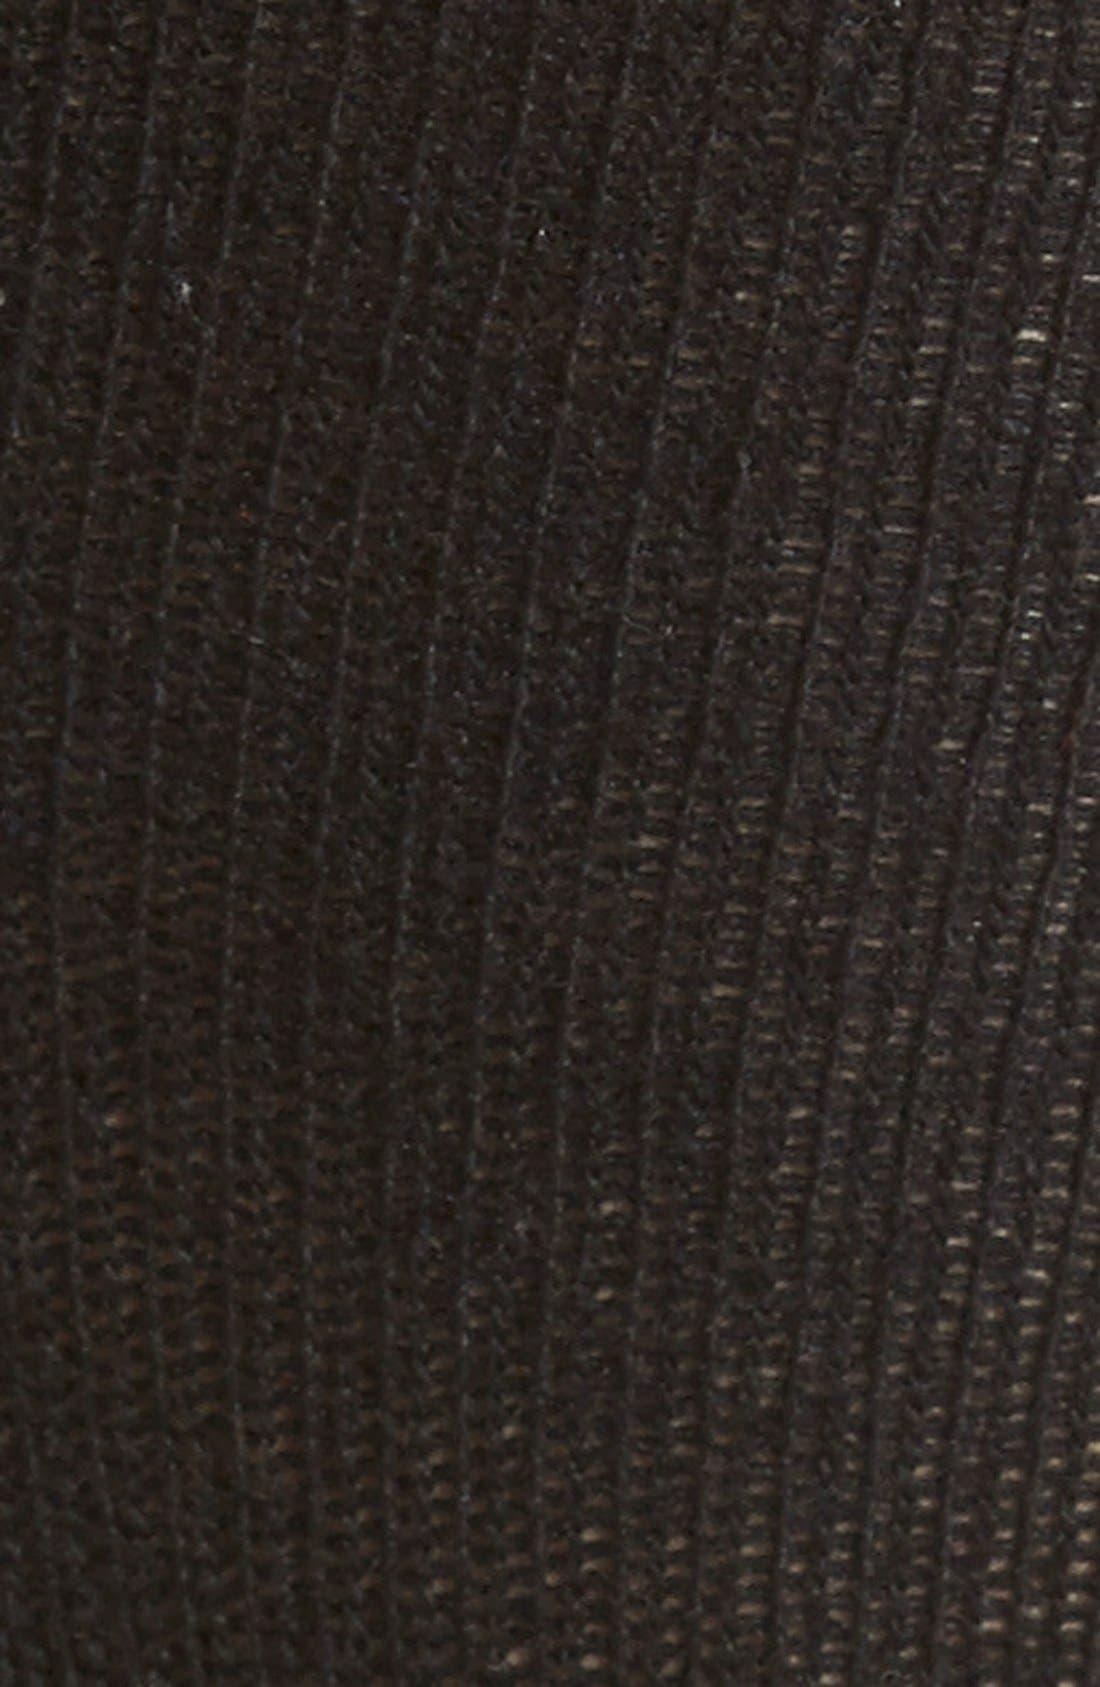 Merino Wool Blend Knee Socks,                             Alternate thumbnail 2, color,                             Black